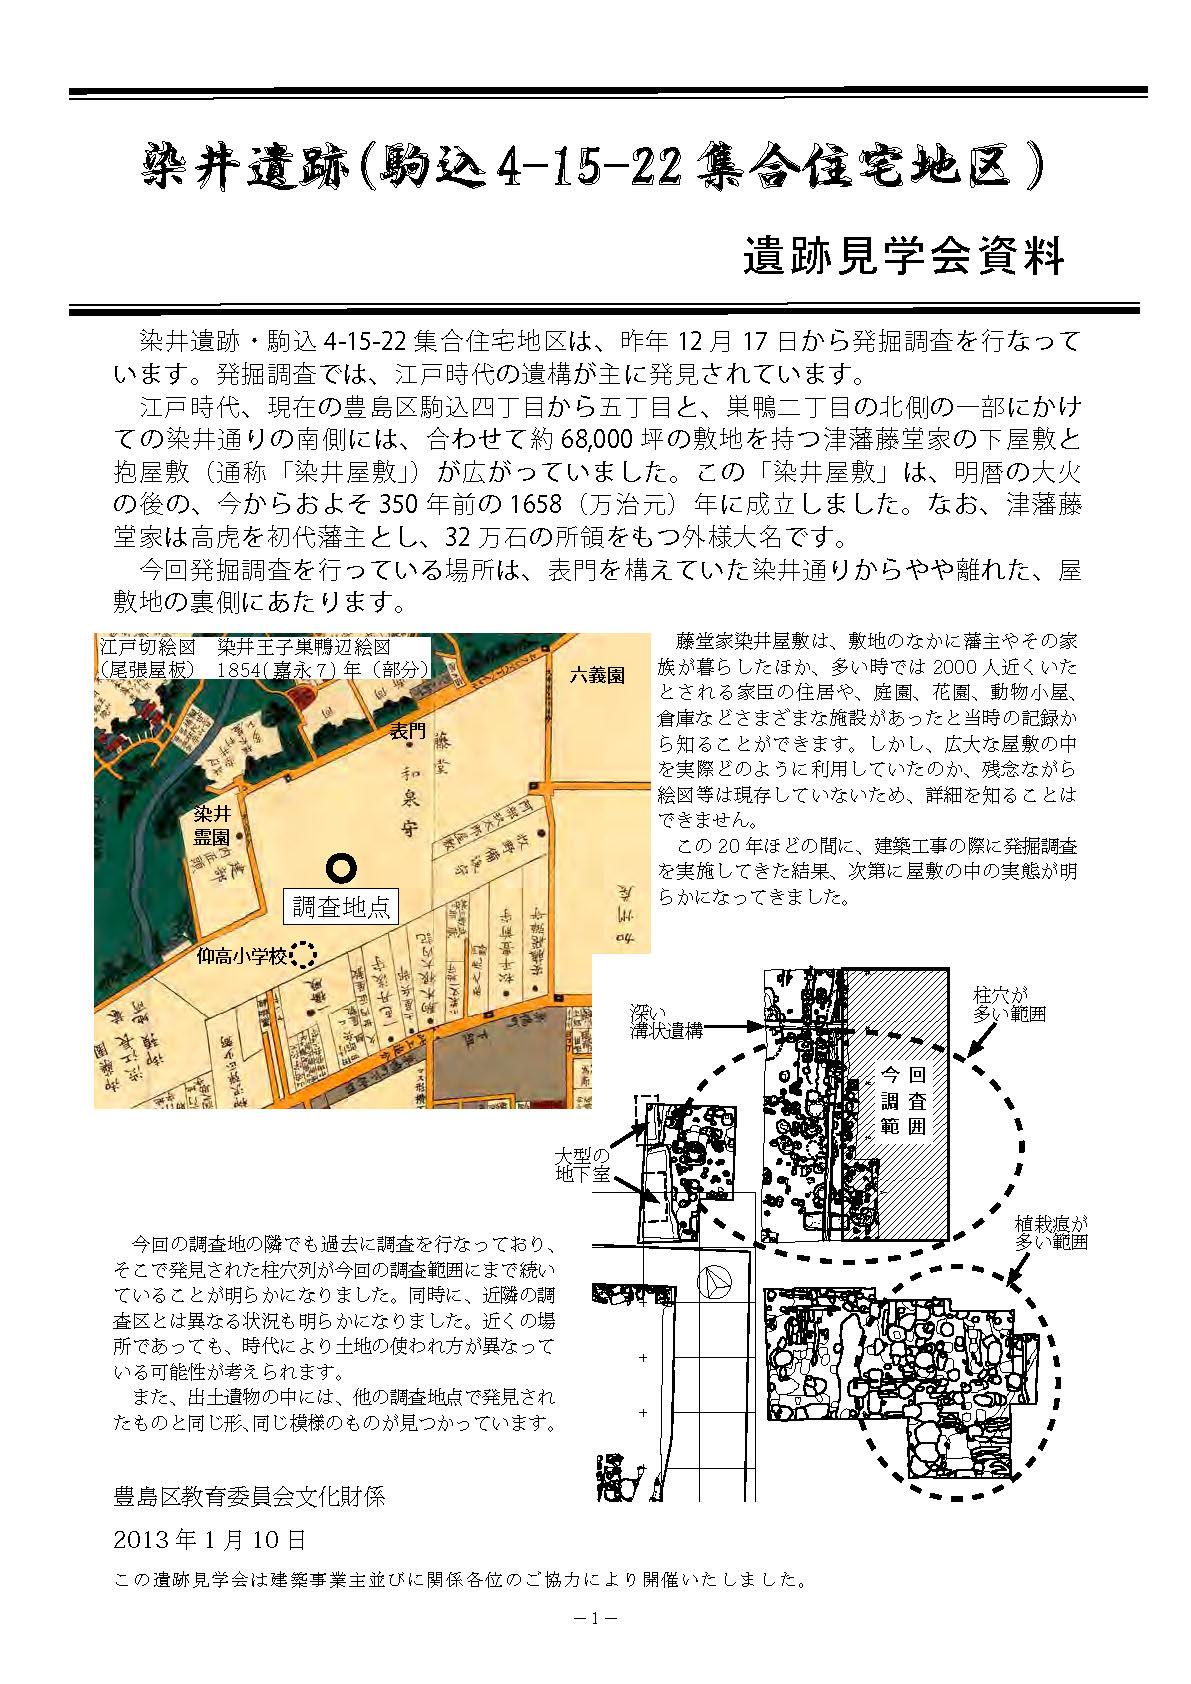 someiiseki-kengaku1301-1